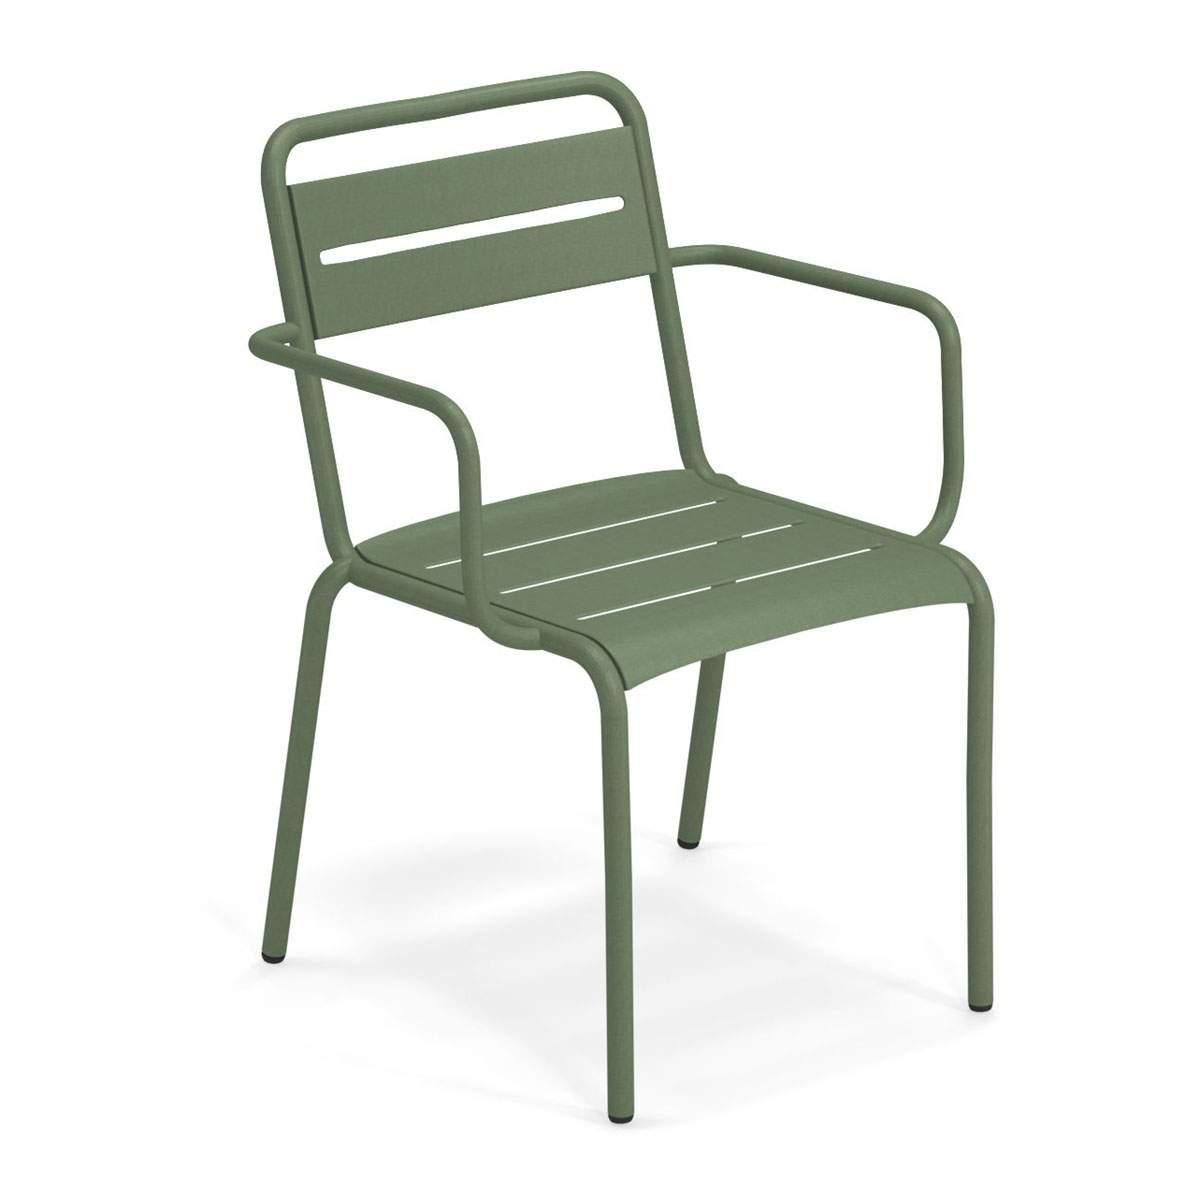 garten stuhl schon star 162 set of 4 garden chair with armrests by emu of garten stuhl